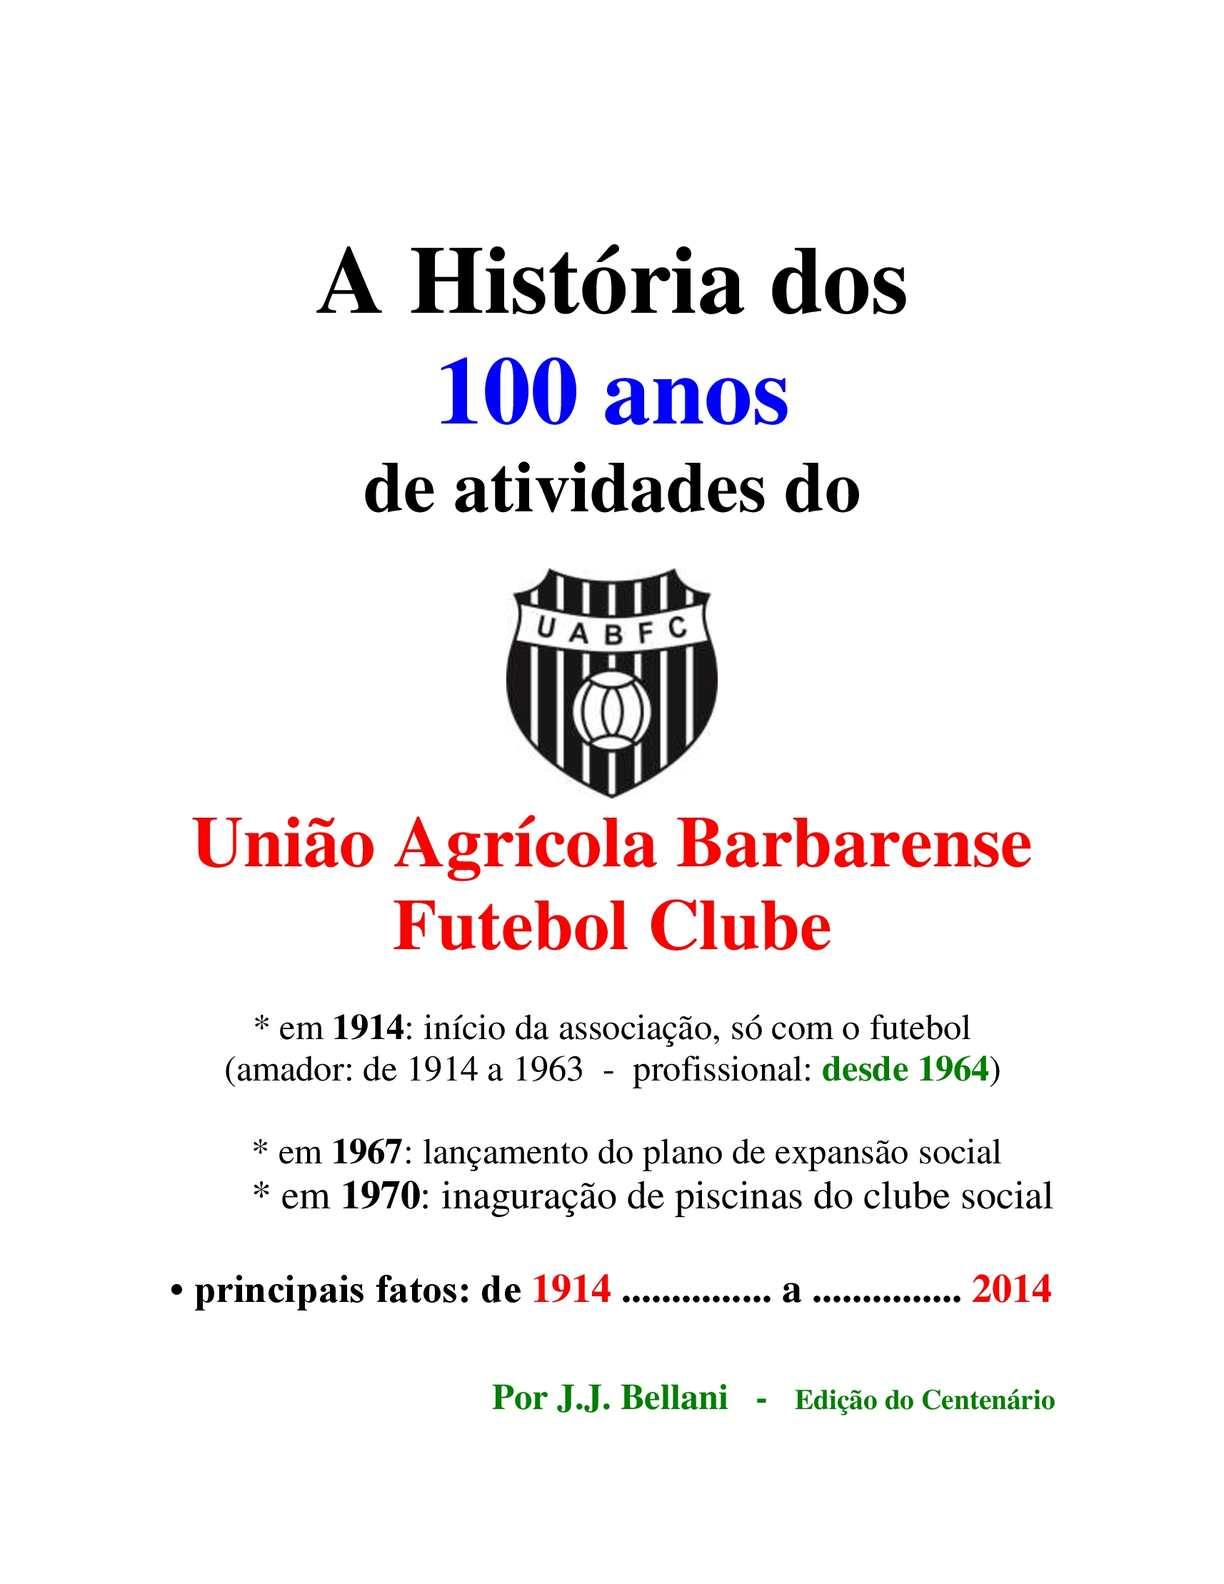 Calaméo - Livro  A história dos 100 anos do União ABFC f67d600f4b73f